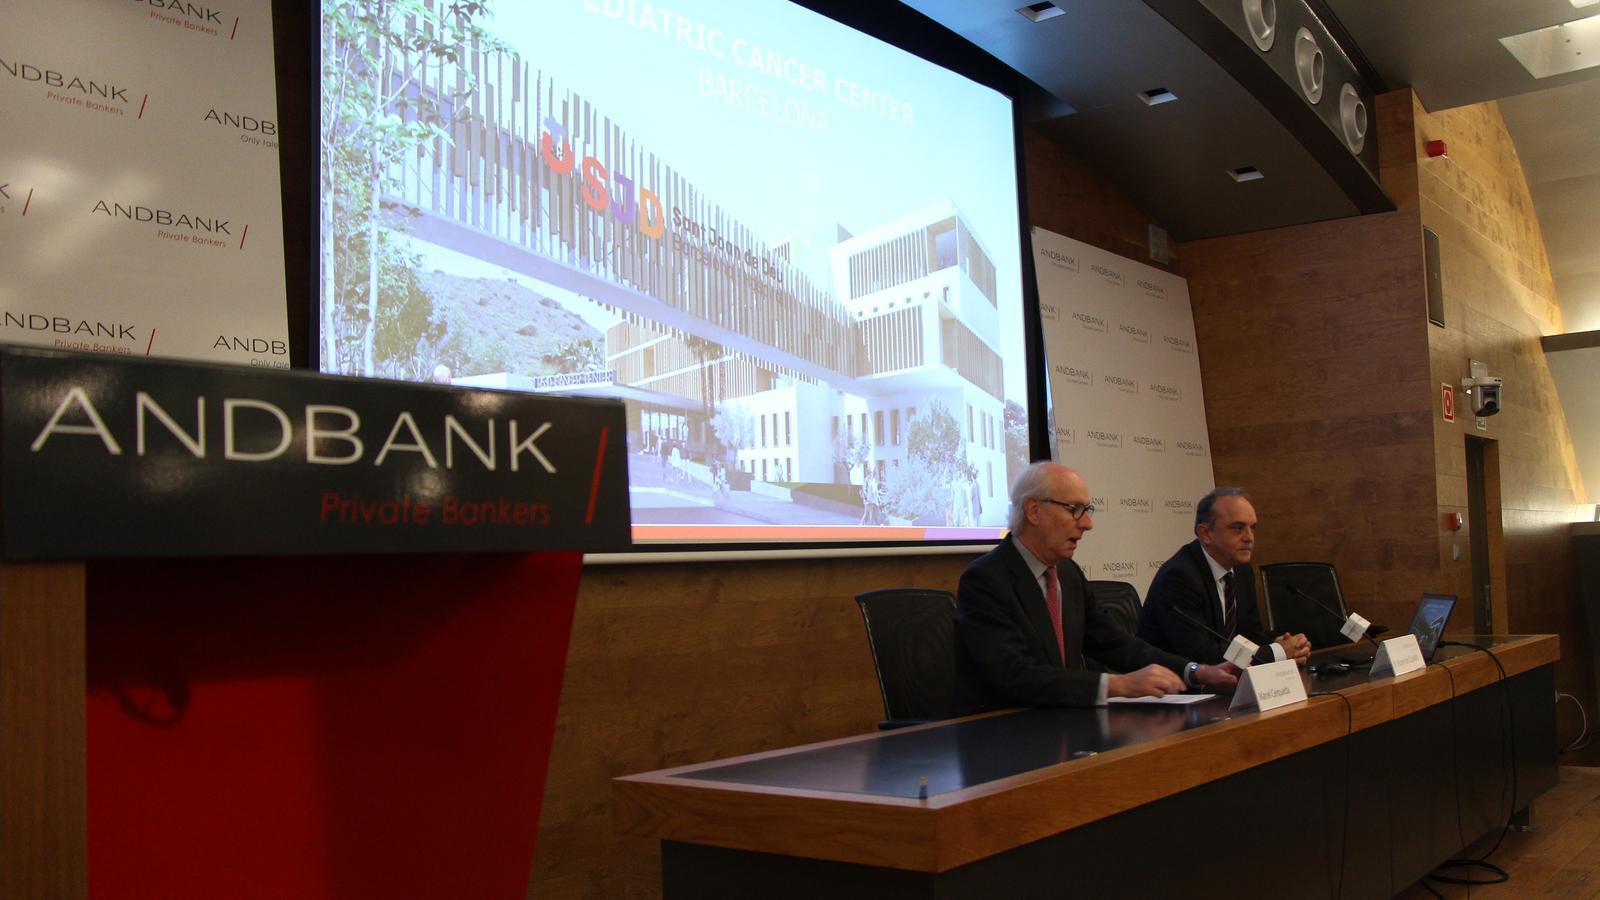 El director gerent de l'hospital Sant Joan de Déu, Manel del Castillo, presenta el projecte juntament amb el president d'Andbank, Manel Cerqueda. / M. F. (ANA)